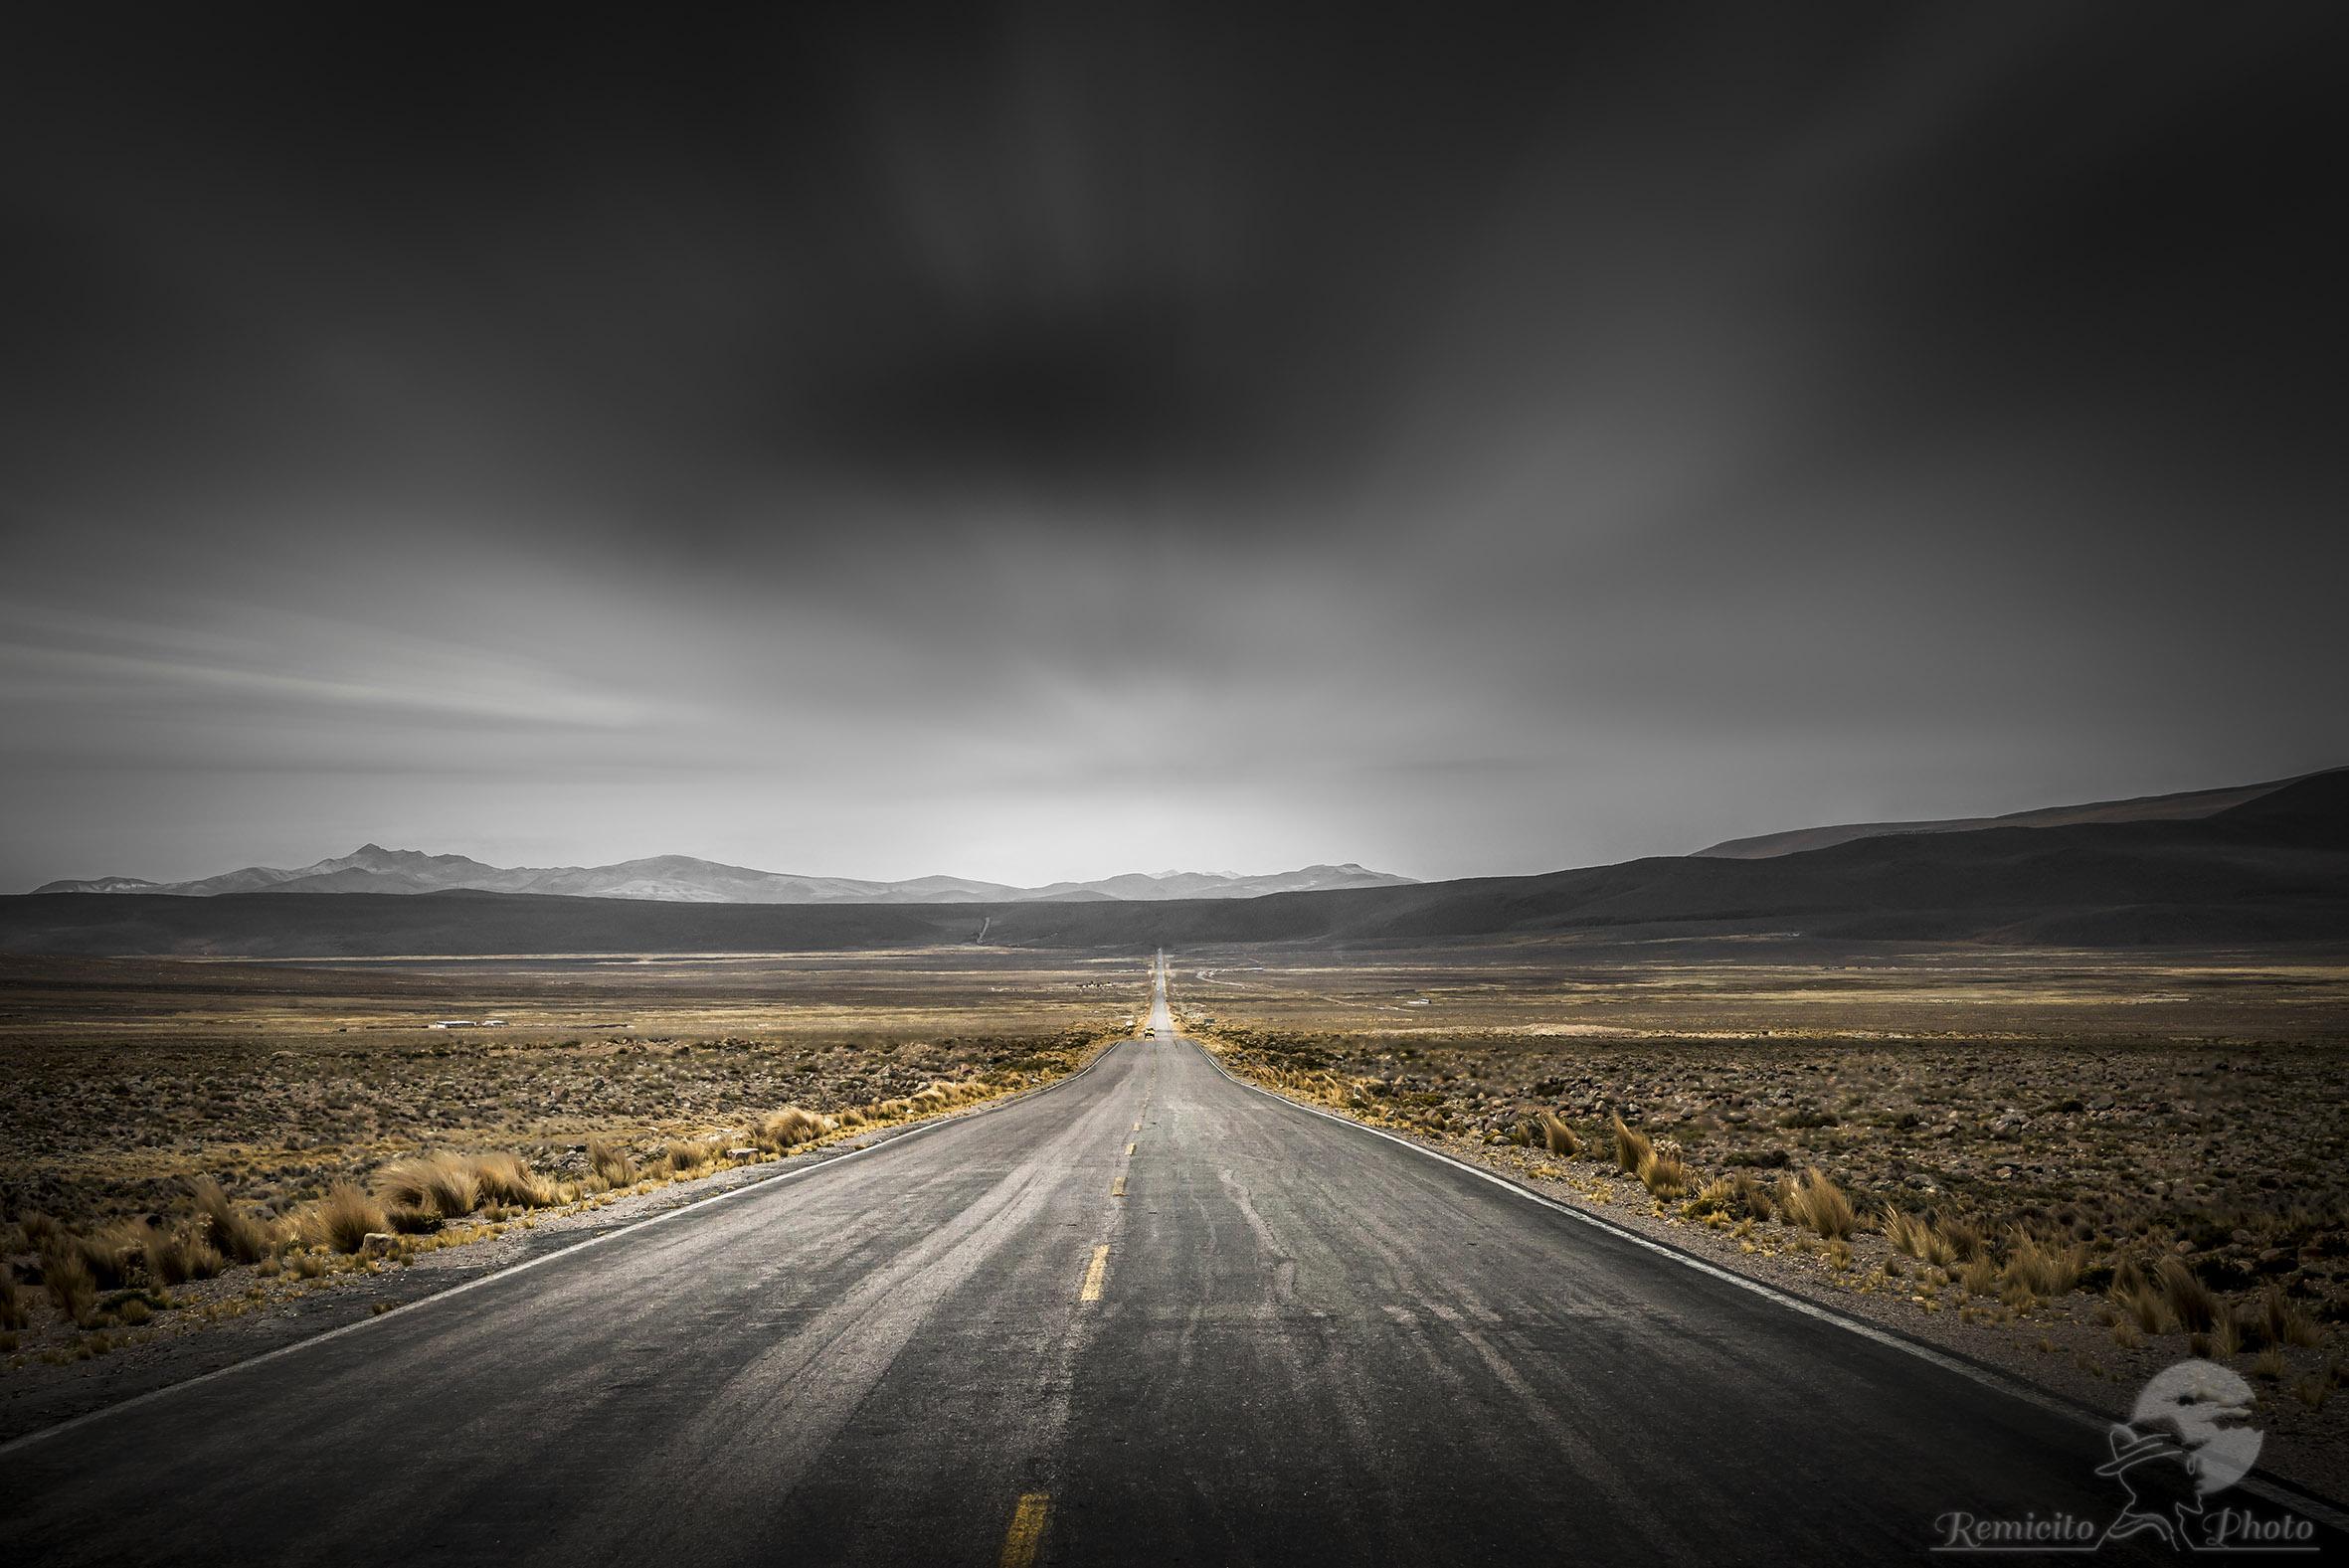 remicito photo 12-06-2016, June 12, 12 Juin, 12 de Junio, roadtrip, road photo, photo de voyage, photo Amérique du Sud, Photo Pérou, Photo Bolivie, Photo cordillère des Andes, Andes Cordillera, on the road again, never stop exploring, adventure, photo aventure, dark sky